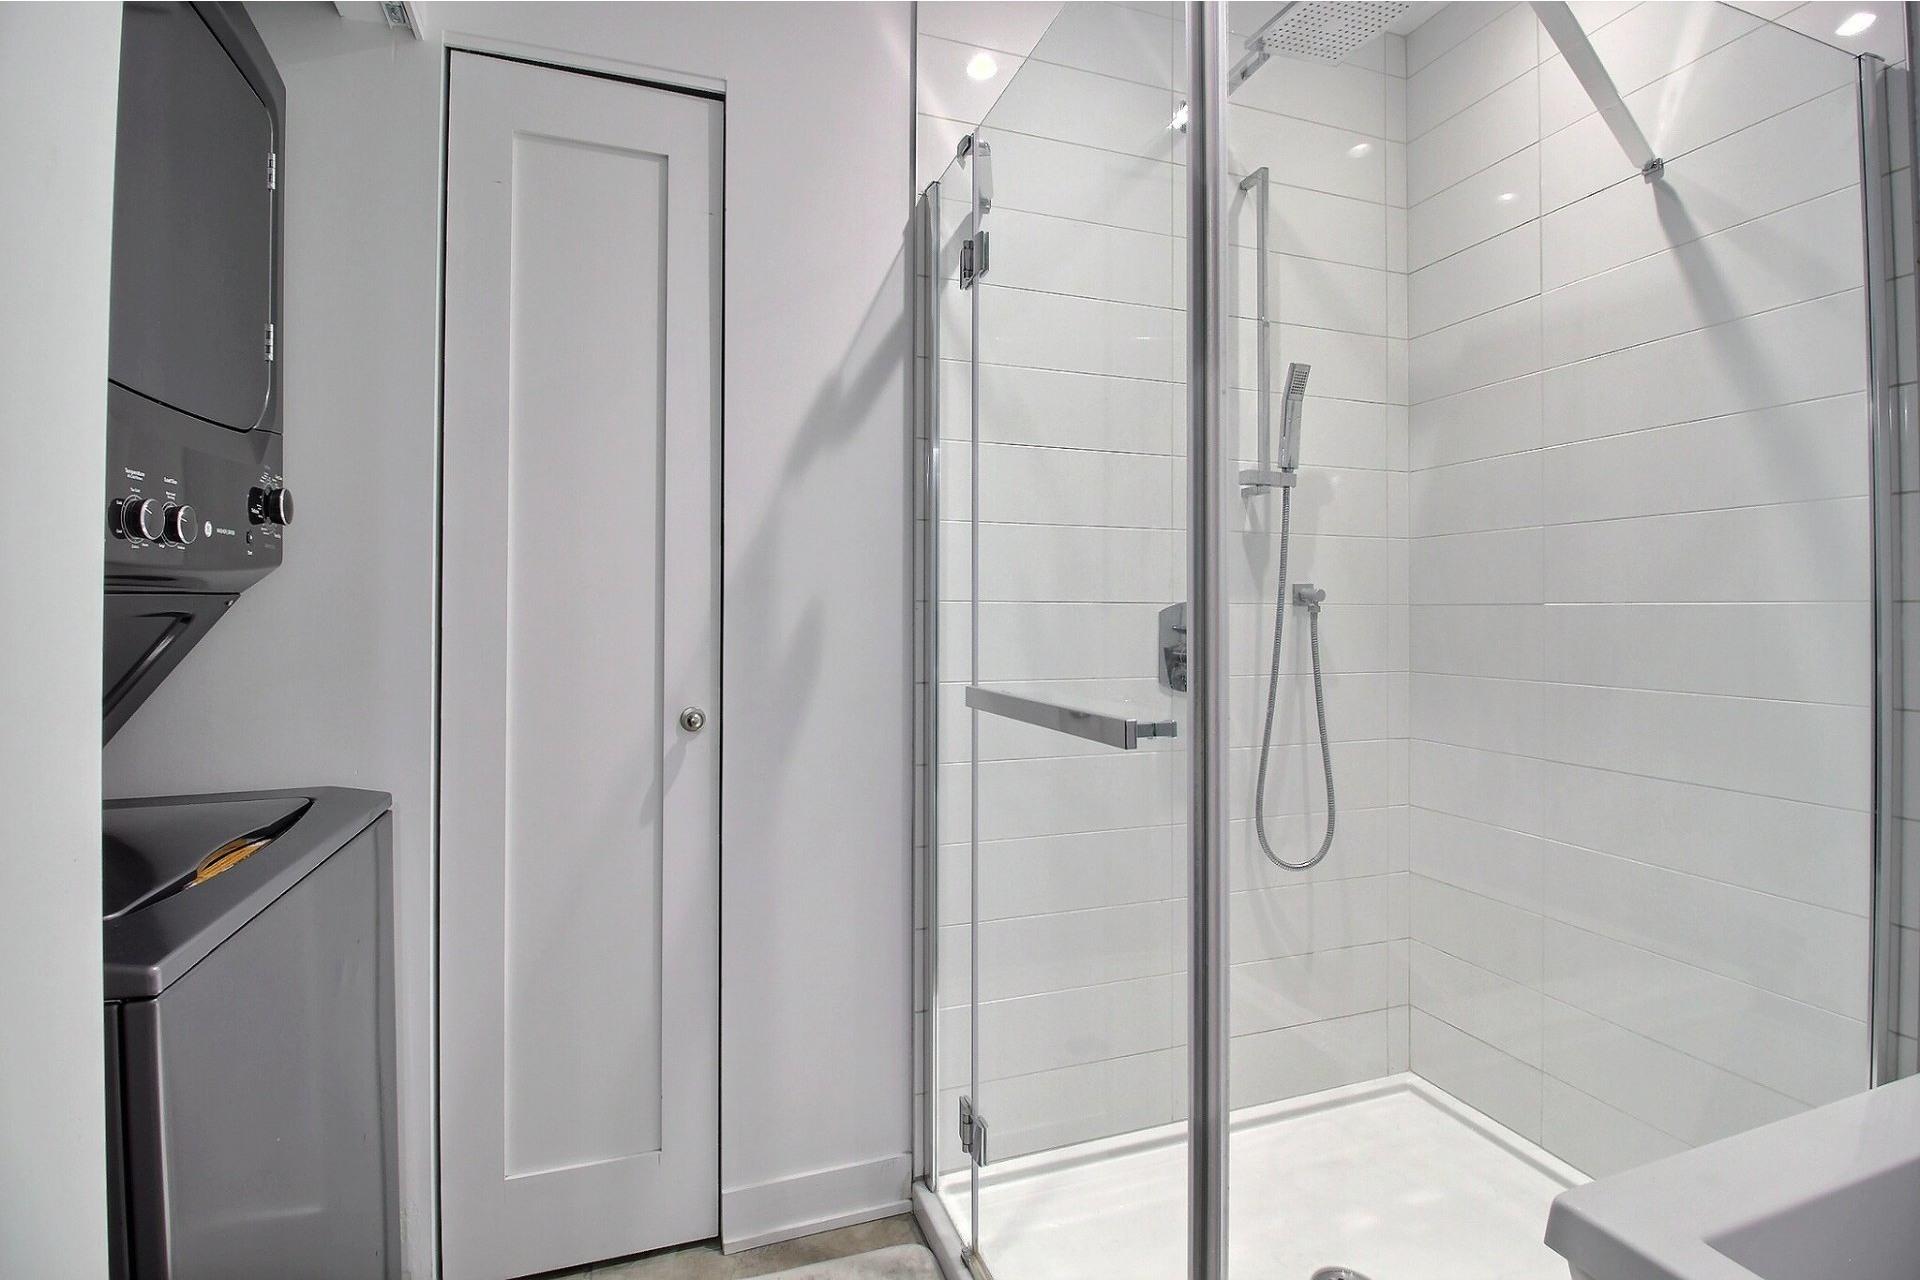 image 16 - Apartment For sale Ville-Marie Montréal  - 3 rooms